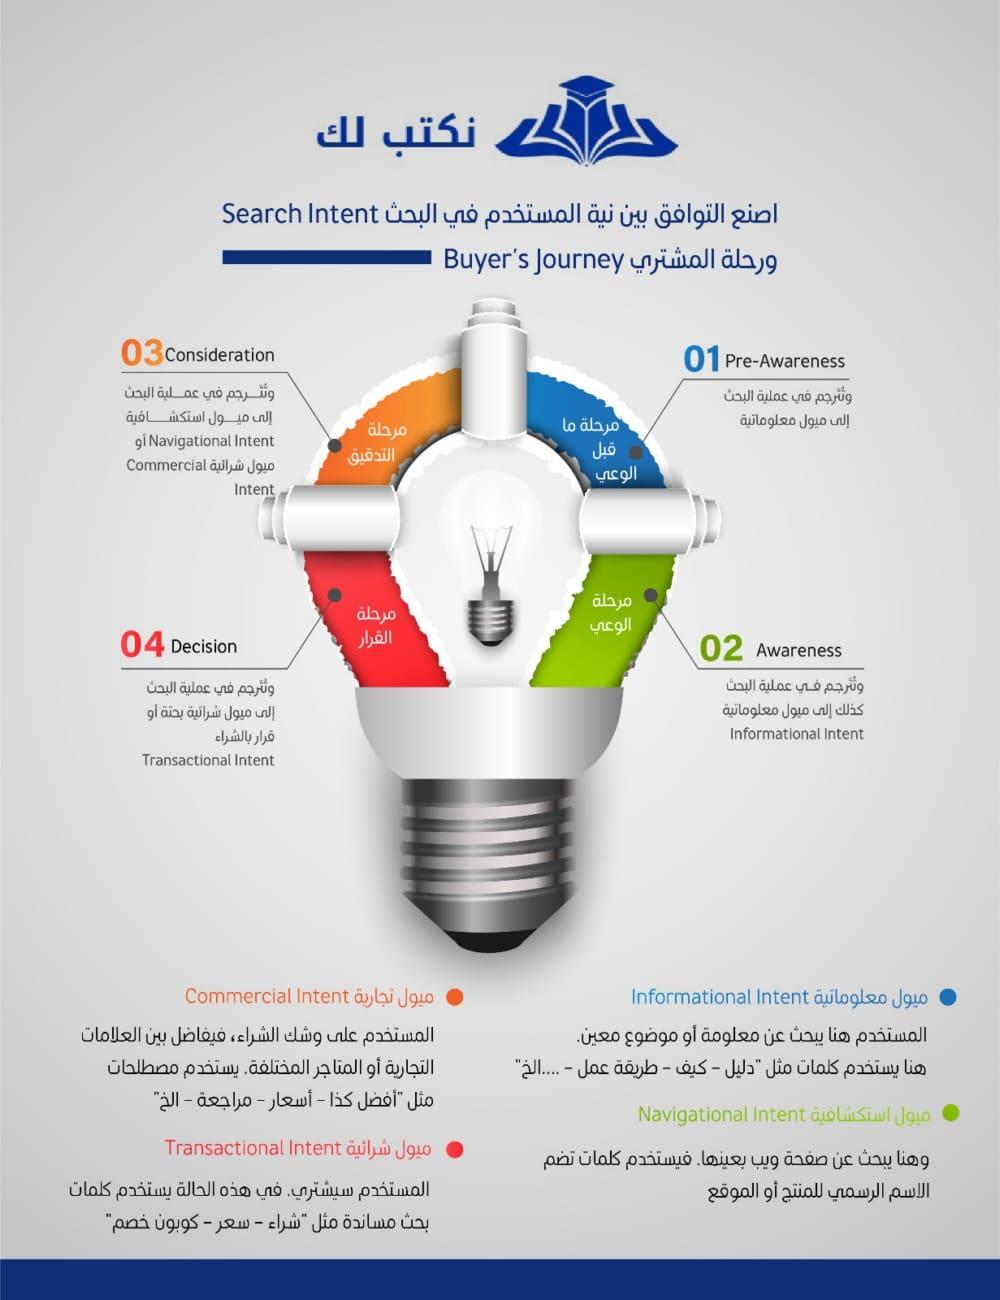 # الخطوة الأولى: استشفاف نية المستخدم في عملية البحث User Intent